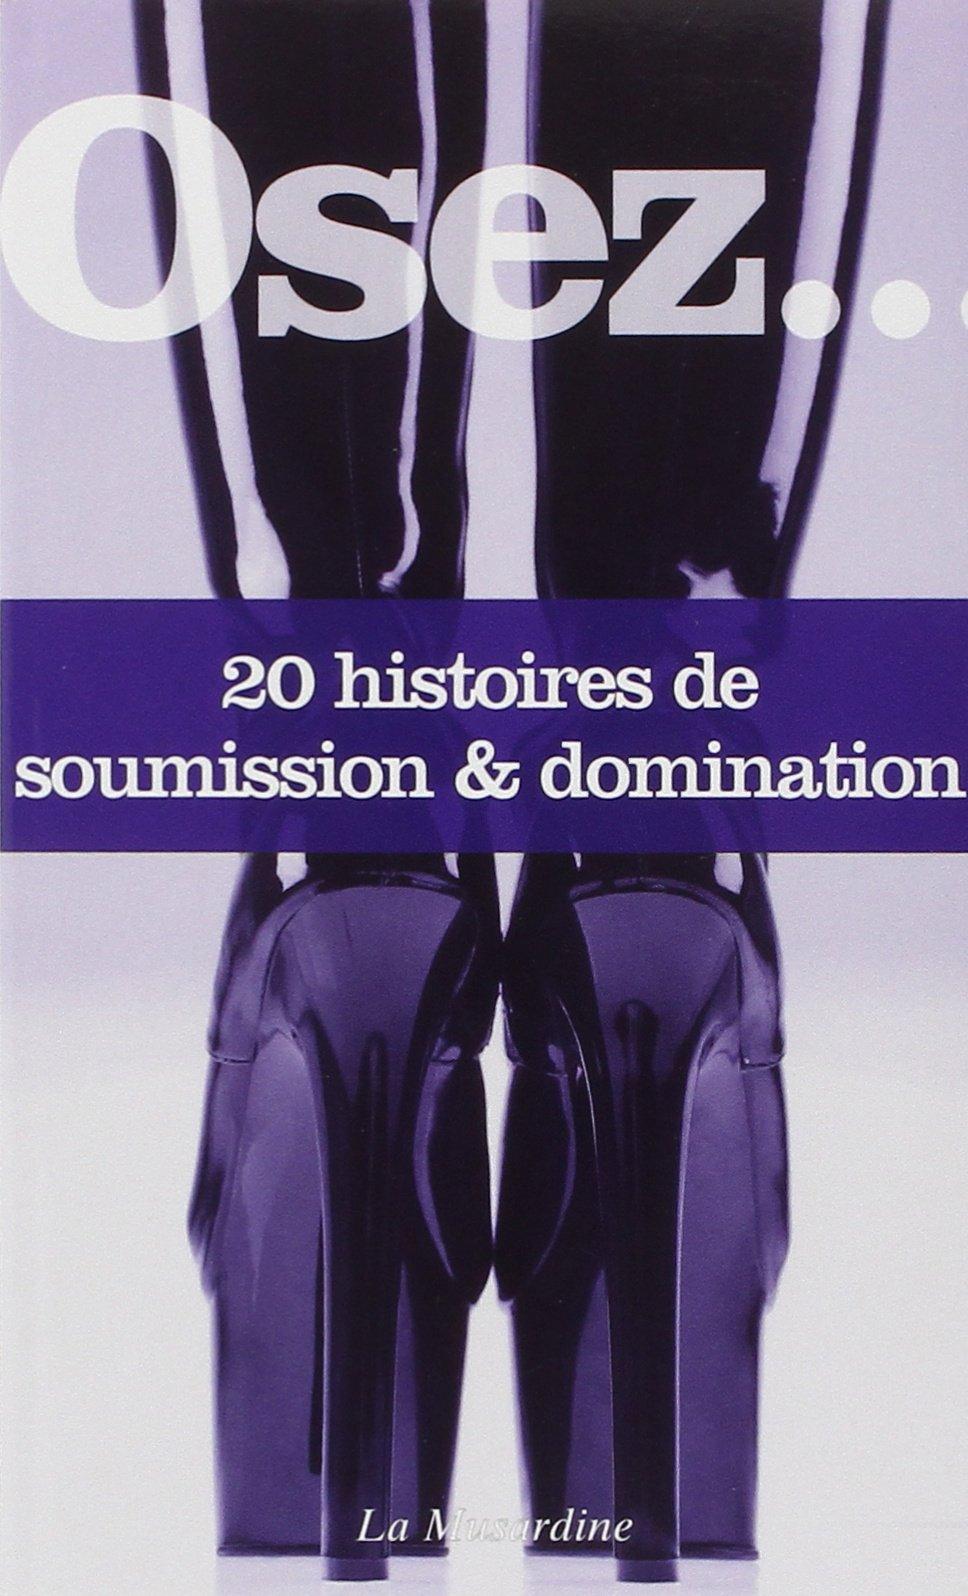 Osez 20 histoire de Domination Soumission